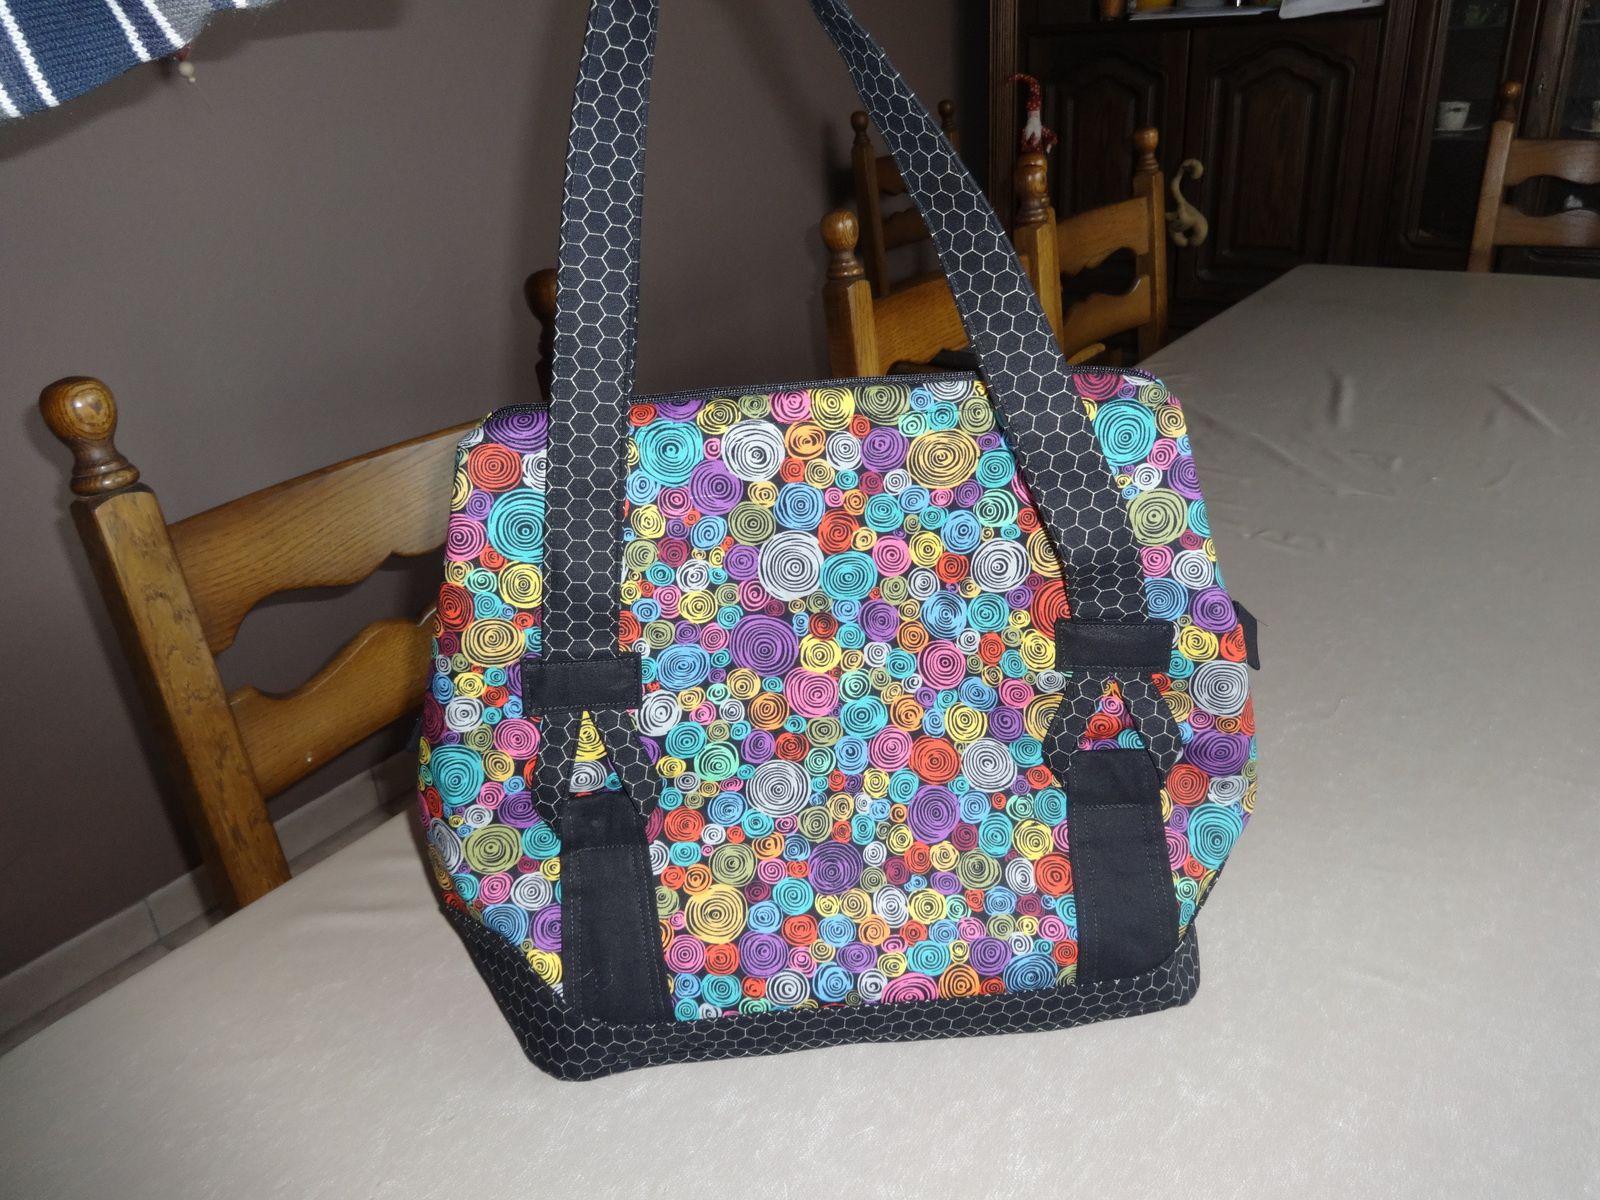 Nouveau sac a main